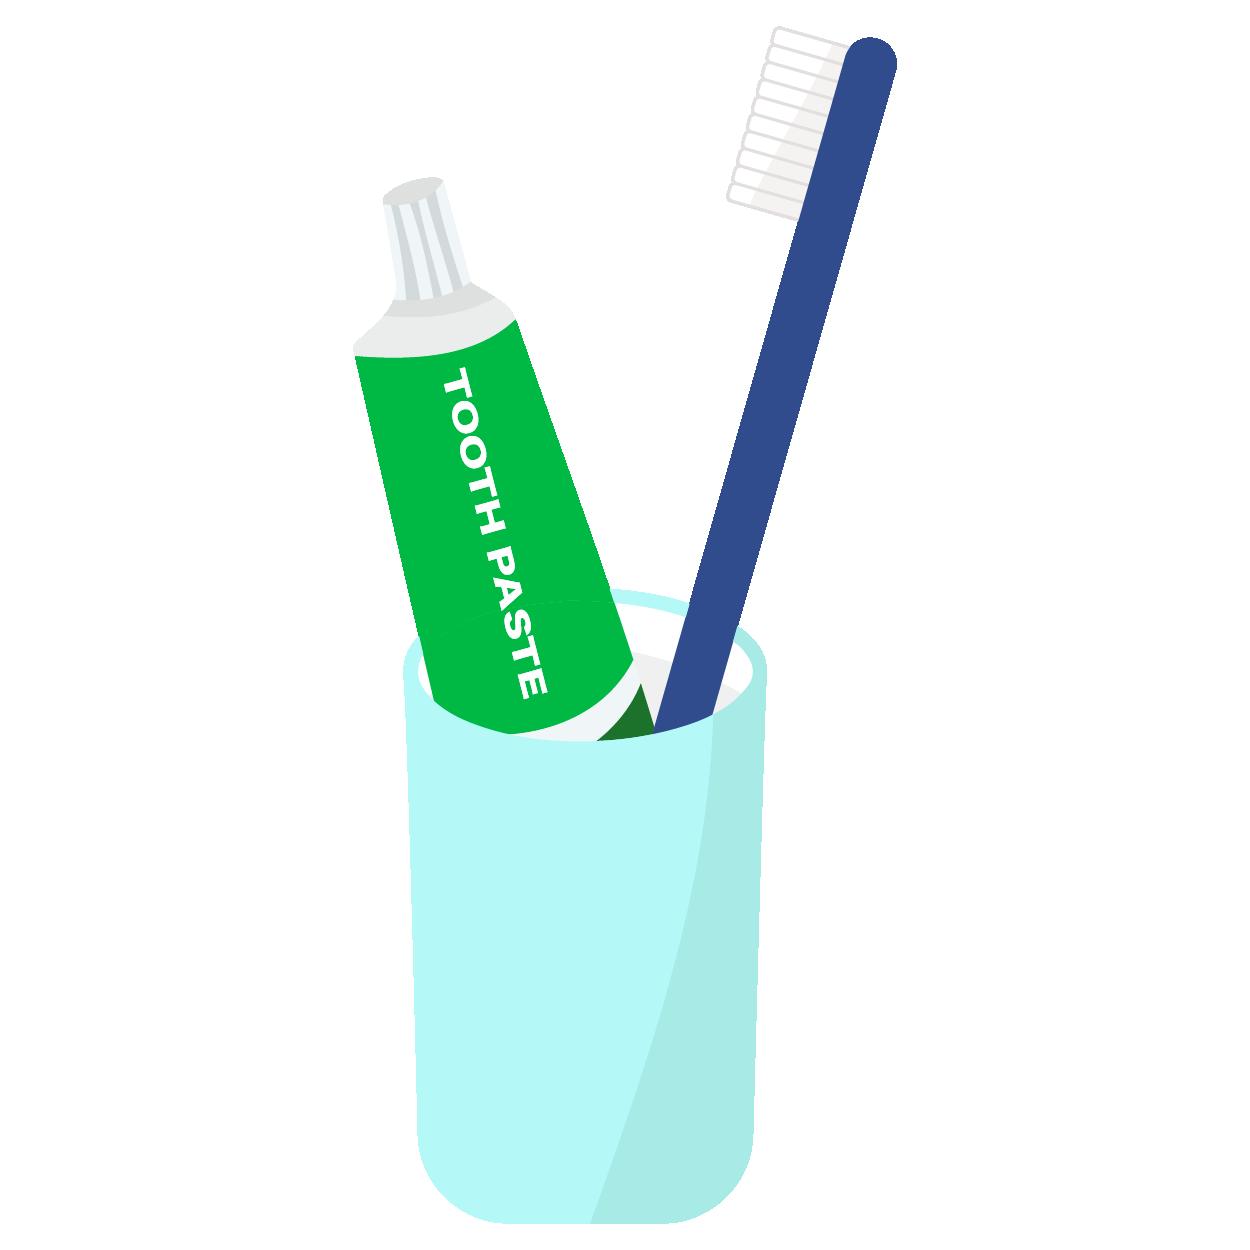 歯ブラシと歯磨き粉とカップのセット イラスト 商用フリー無料の